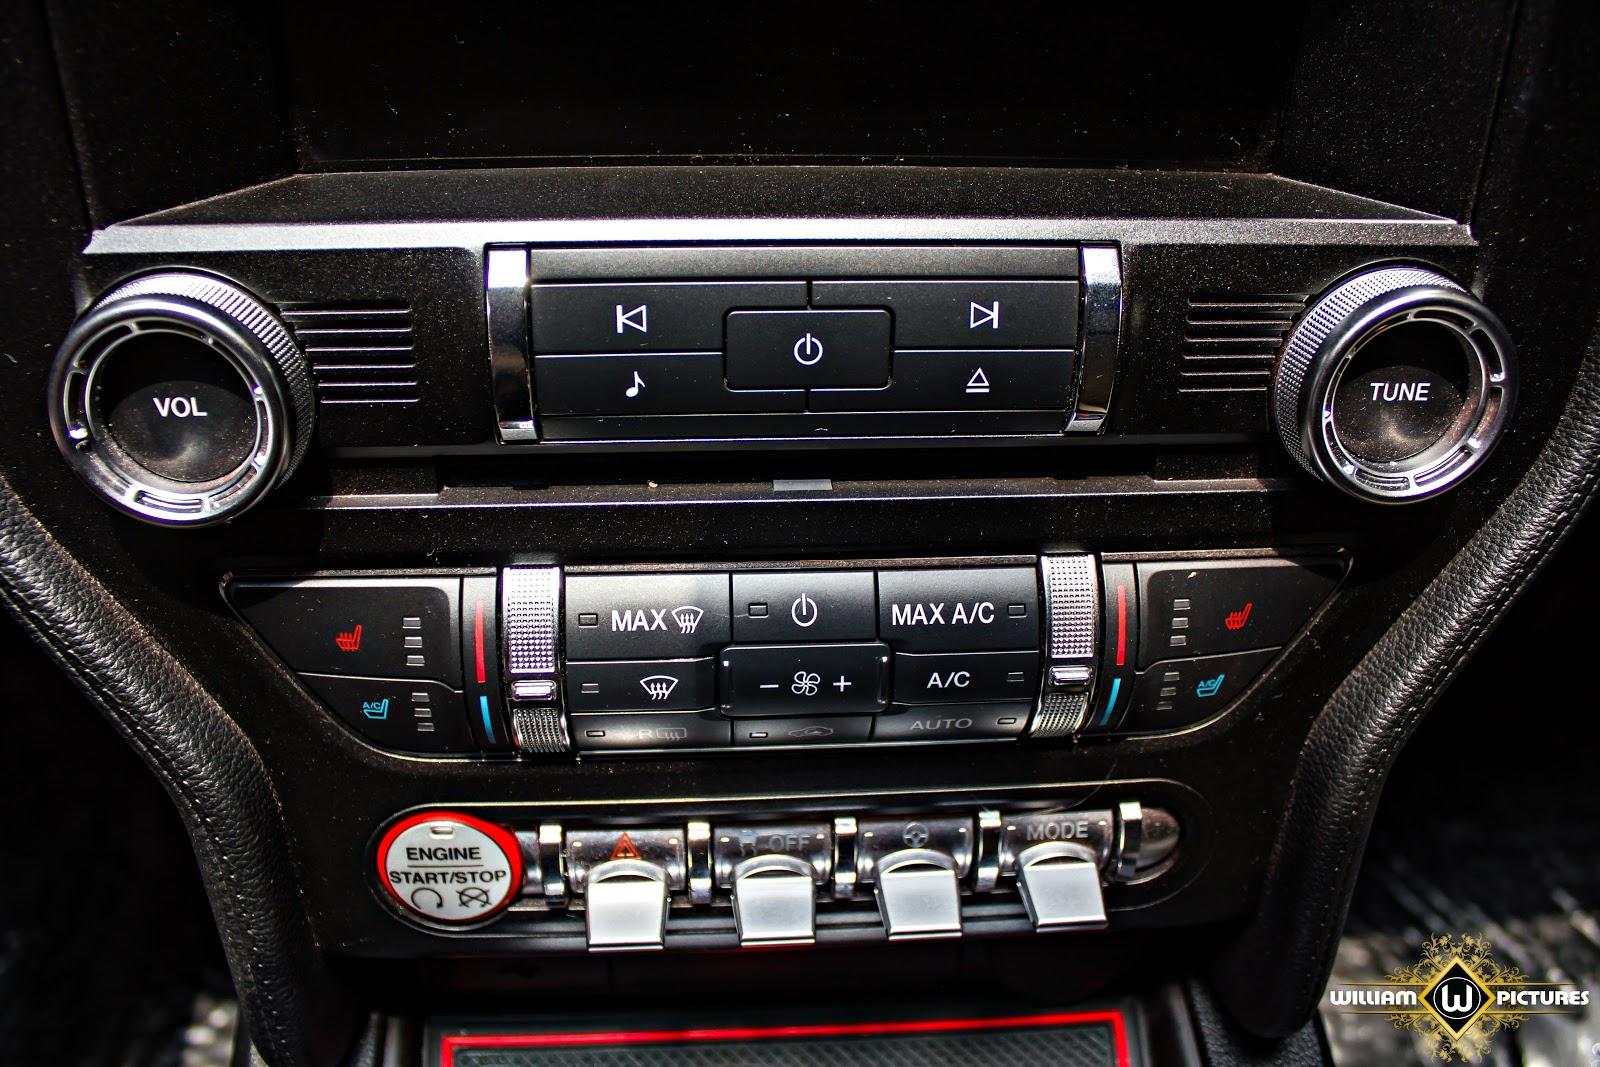 Hệ thống giải trí của xe là hệ thống đỉnh cao, giúp lái xe thêm phấn khích